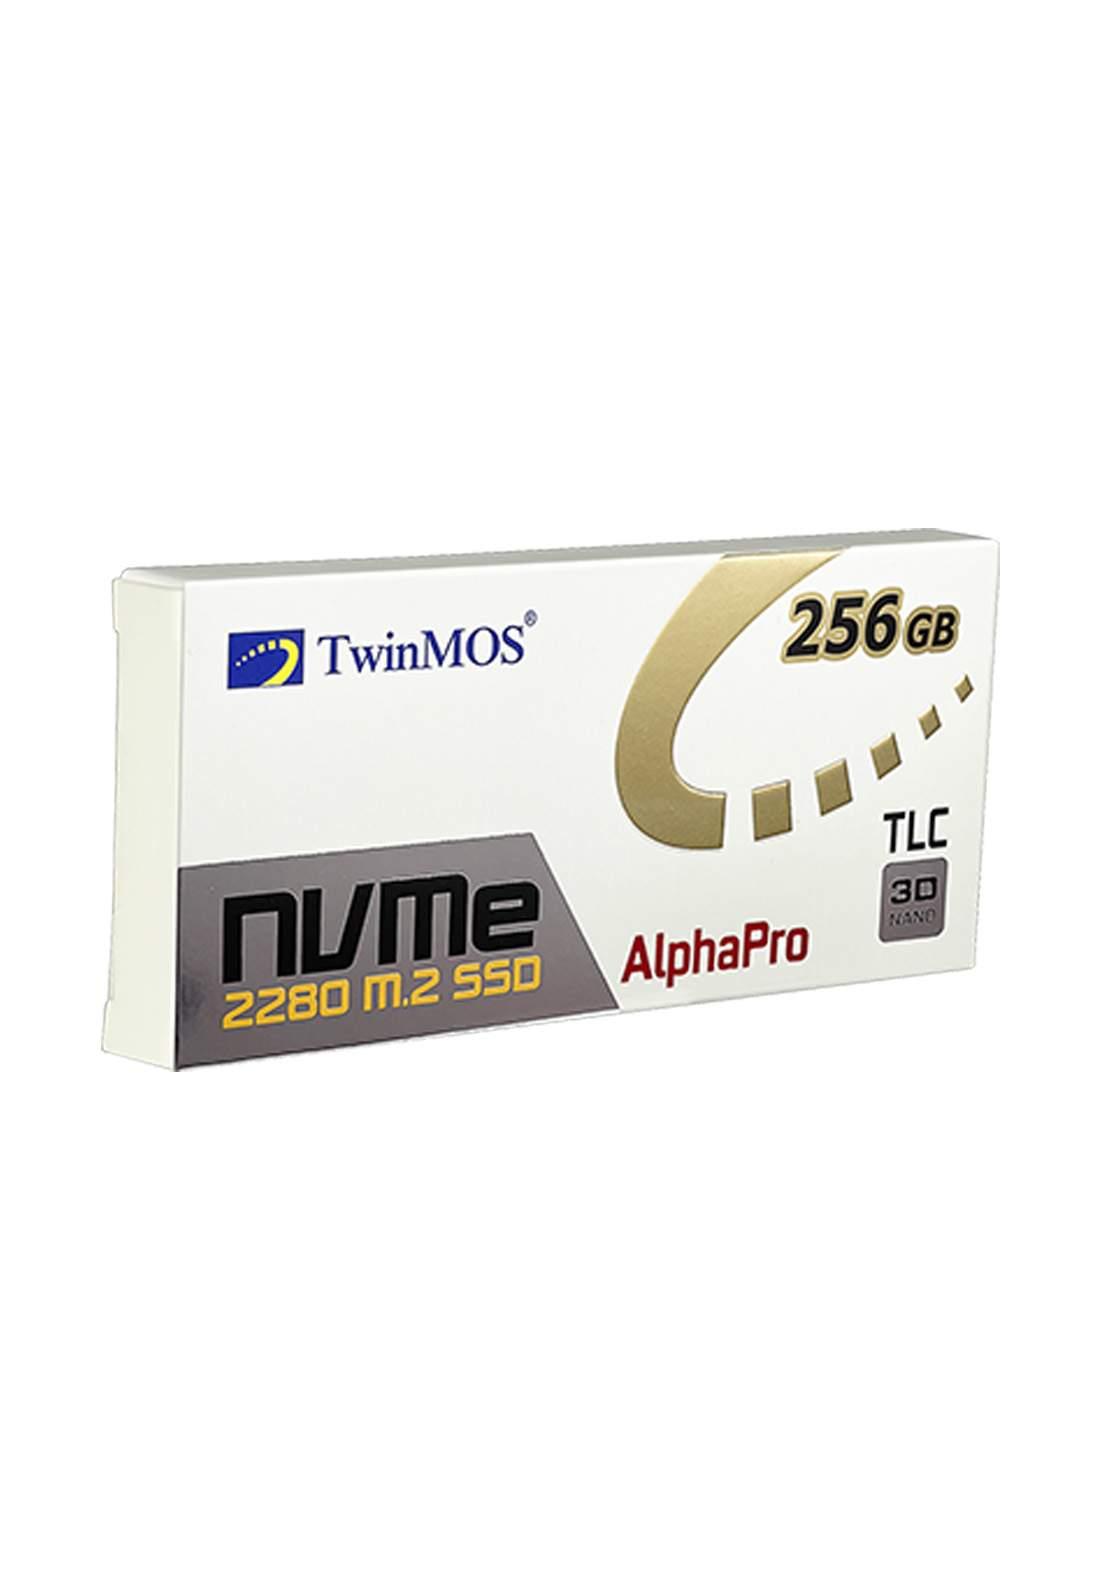 Twinmos NVMe M.2 2280 256GB Internal SSD هارد داخلي